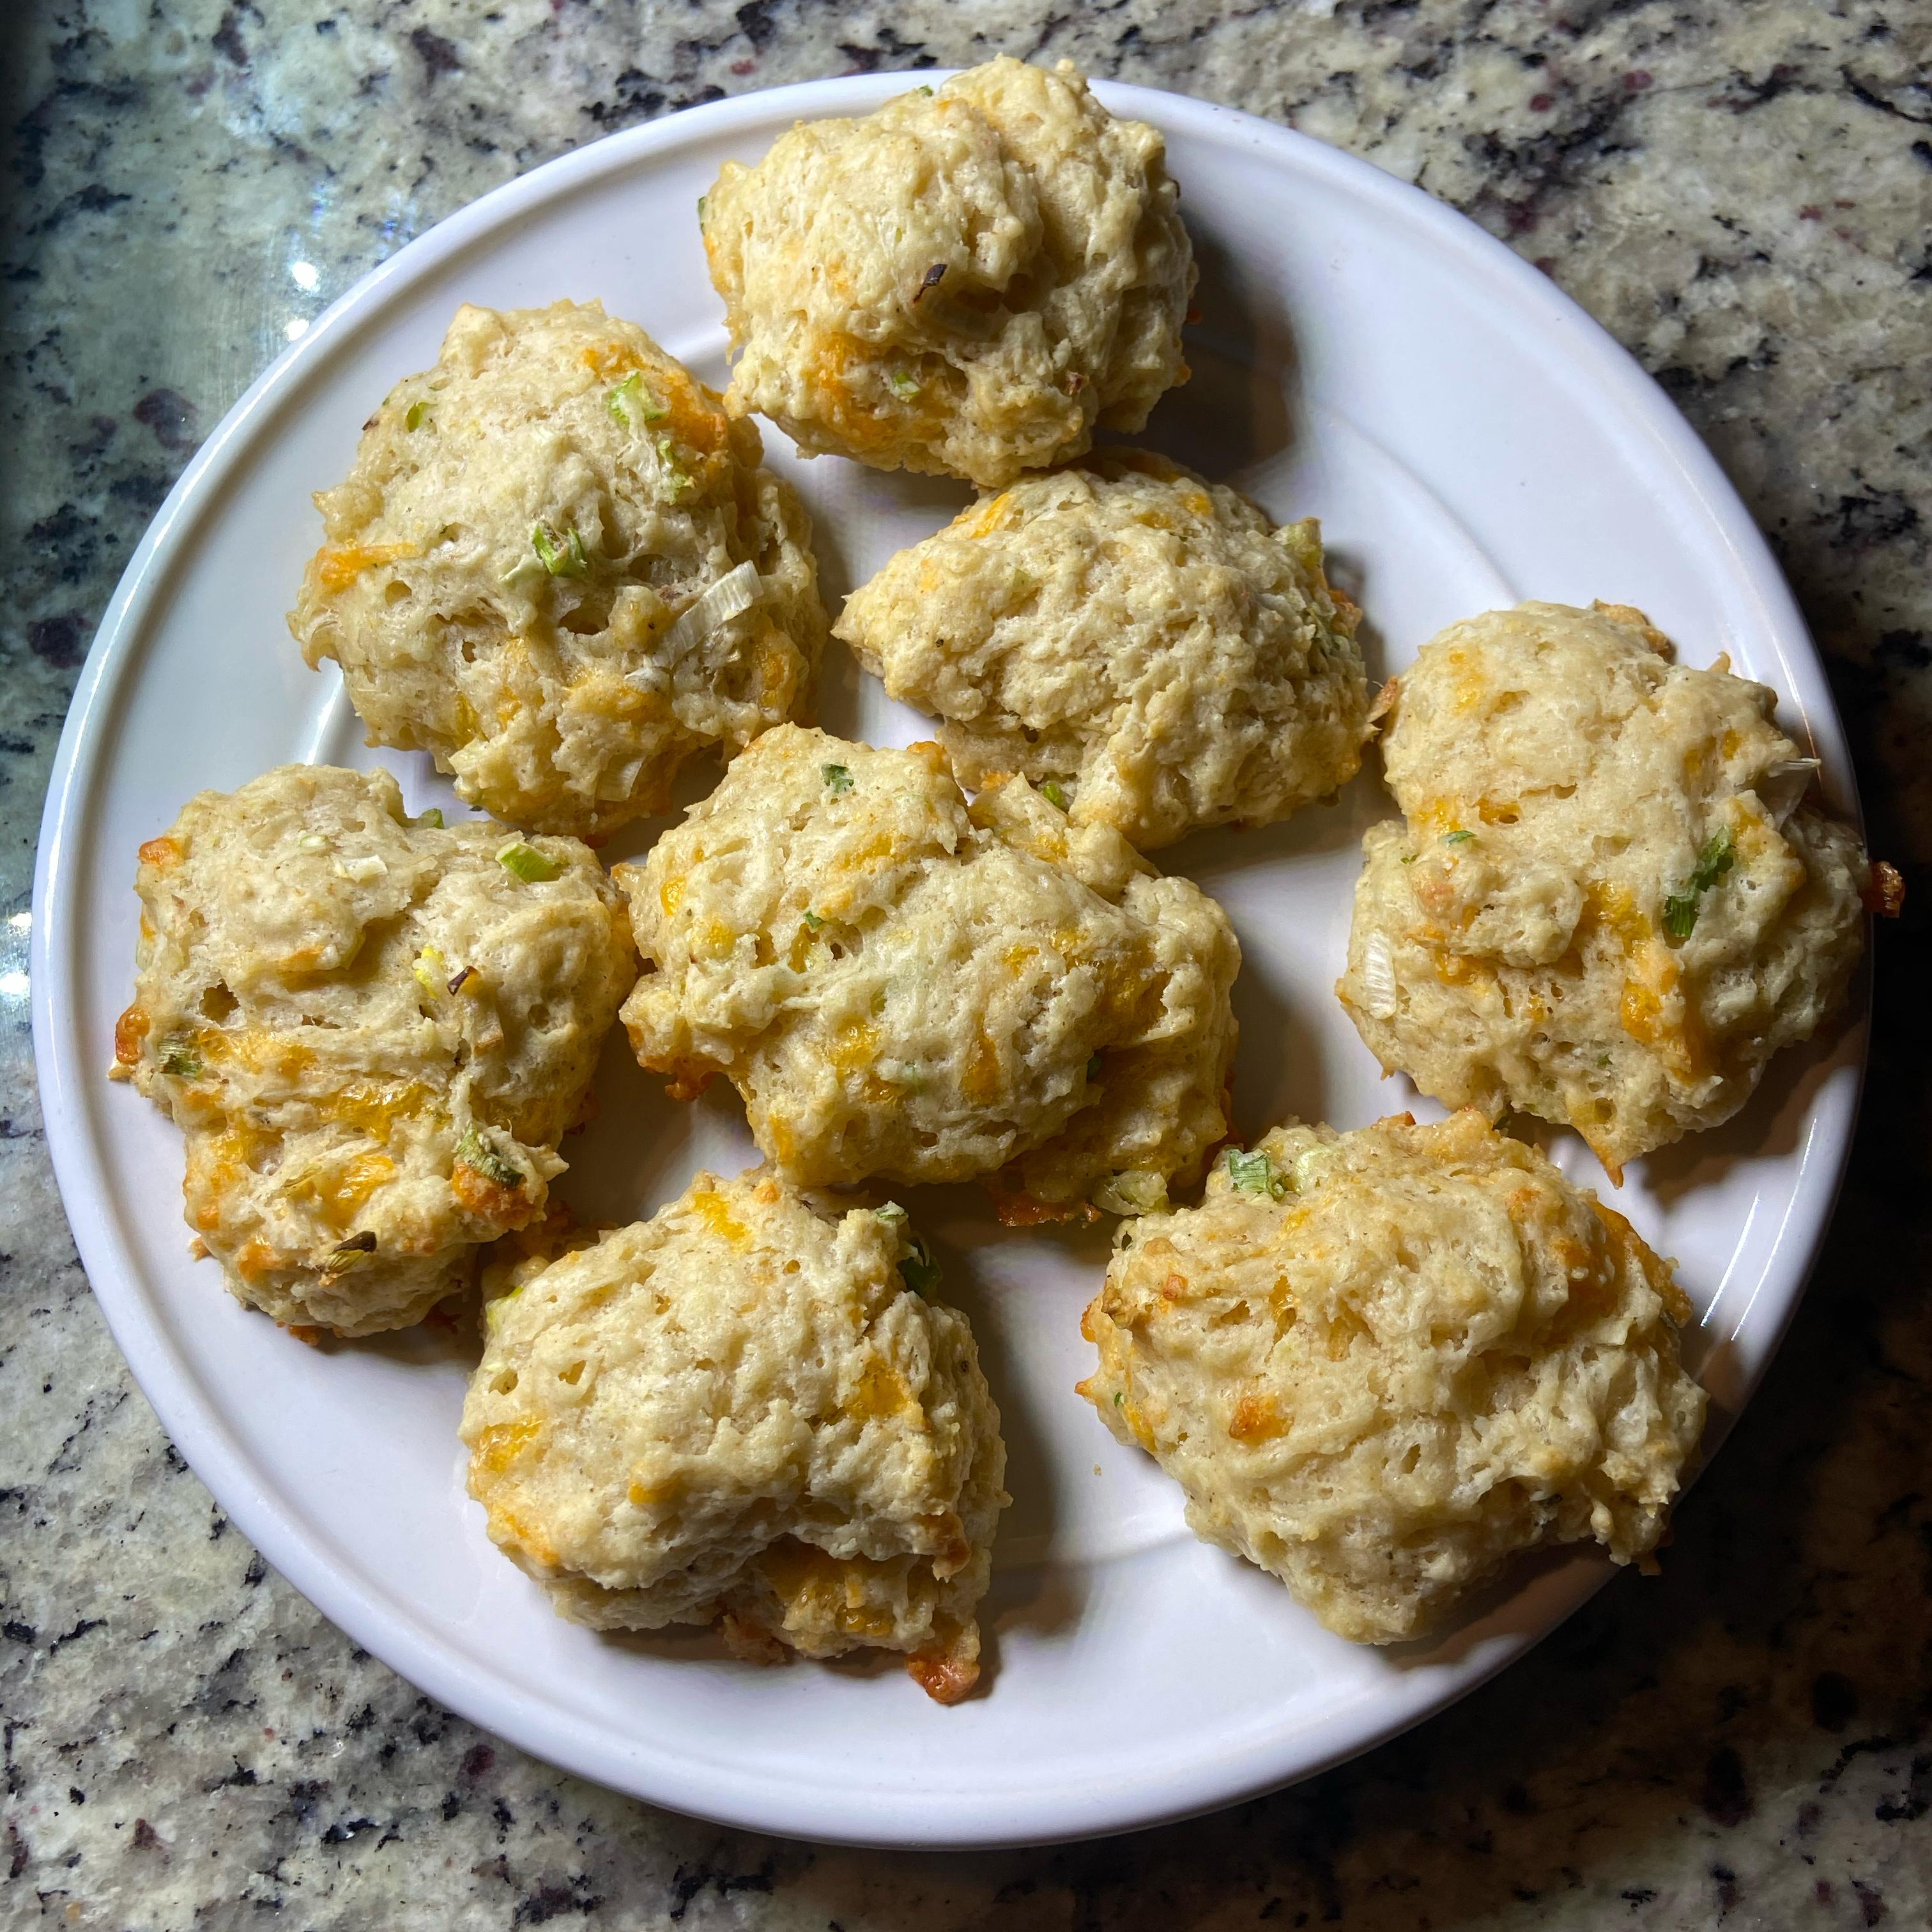 Cheddar-Scallion Buttermilk Biscuits Sandy